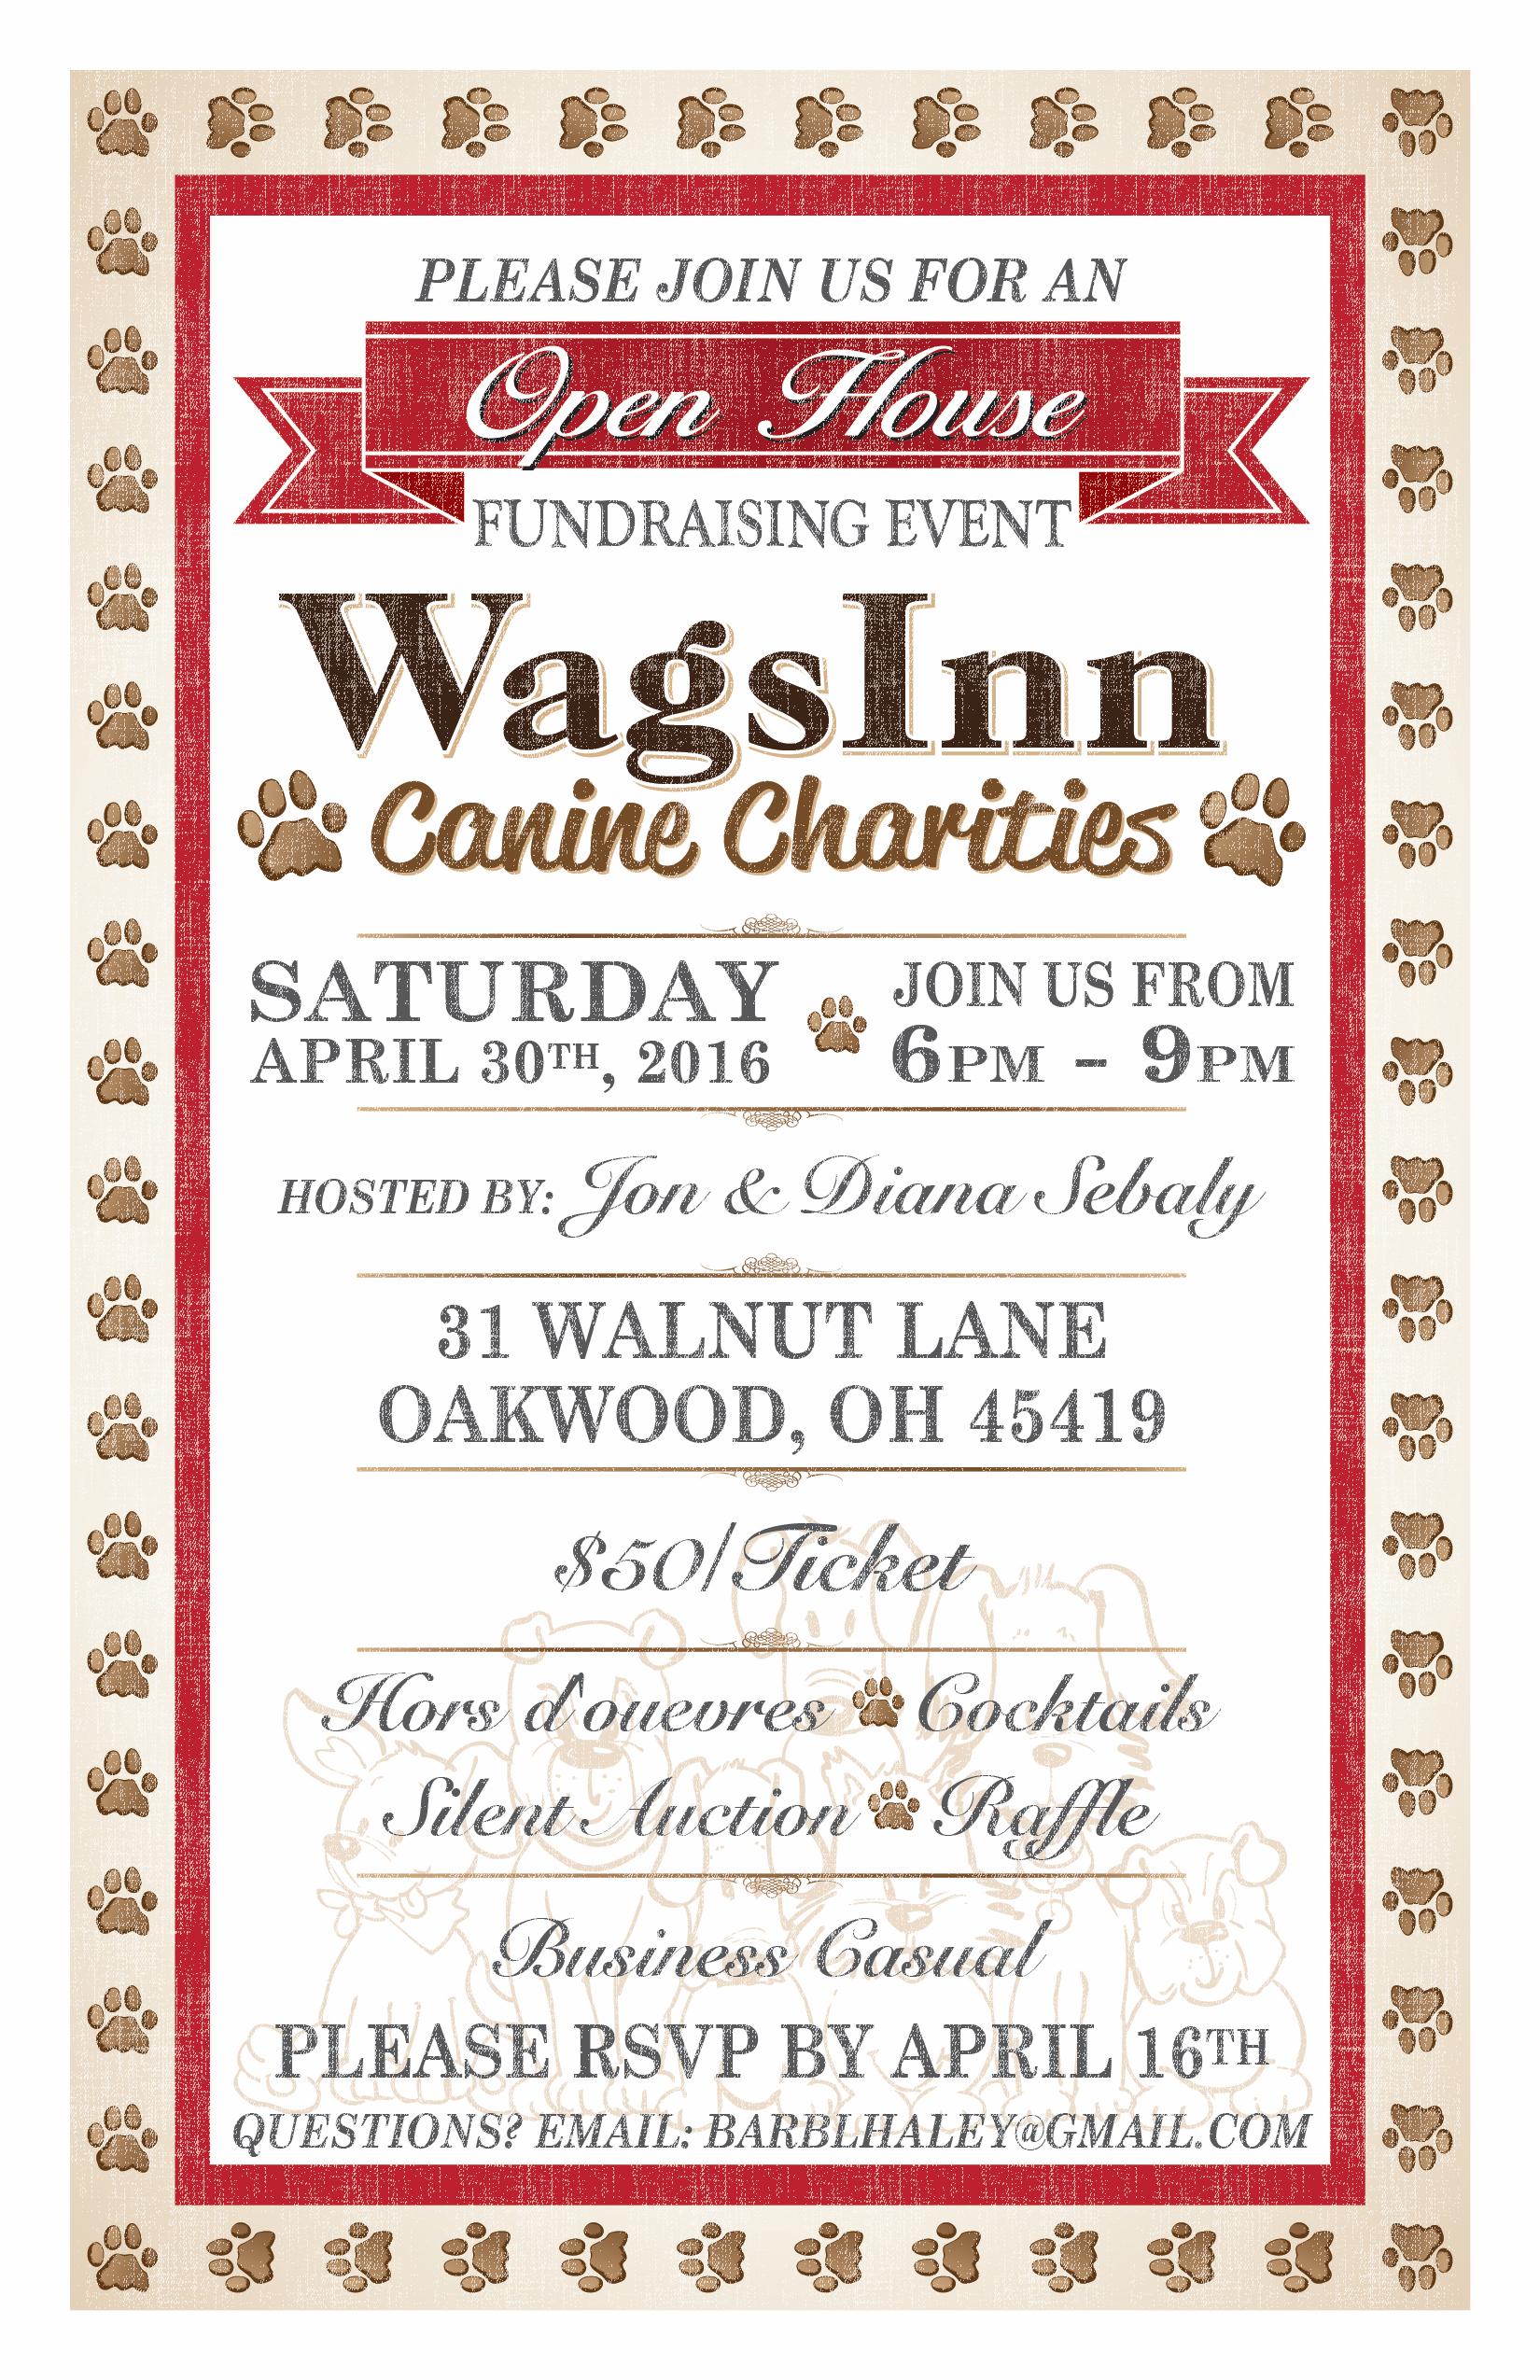 WagsInn Invite_final